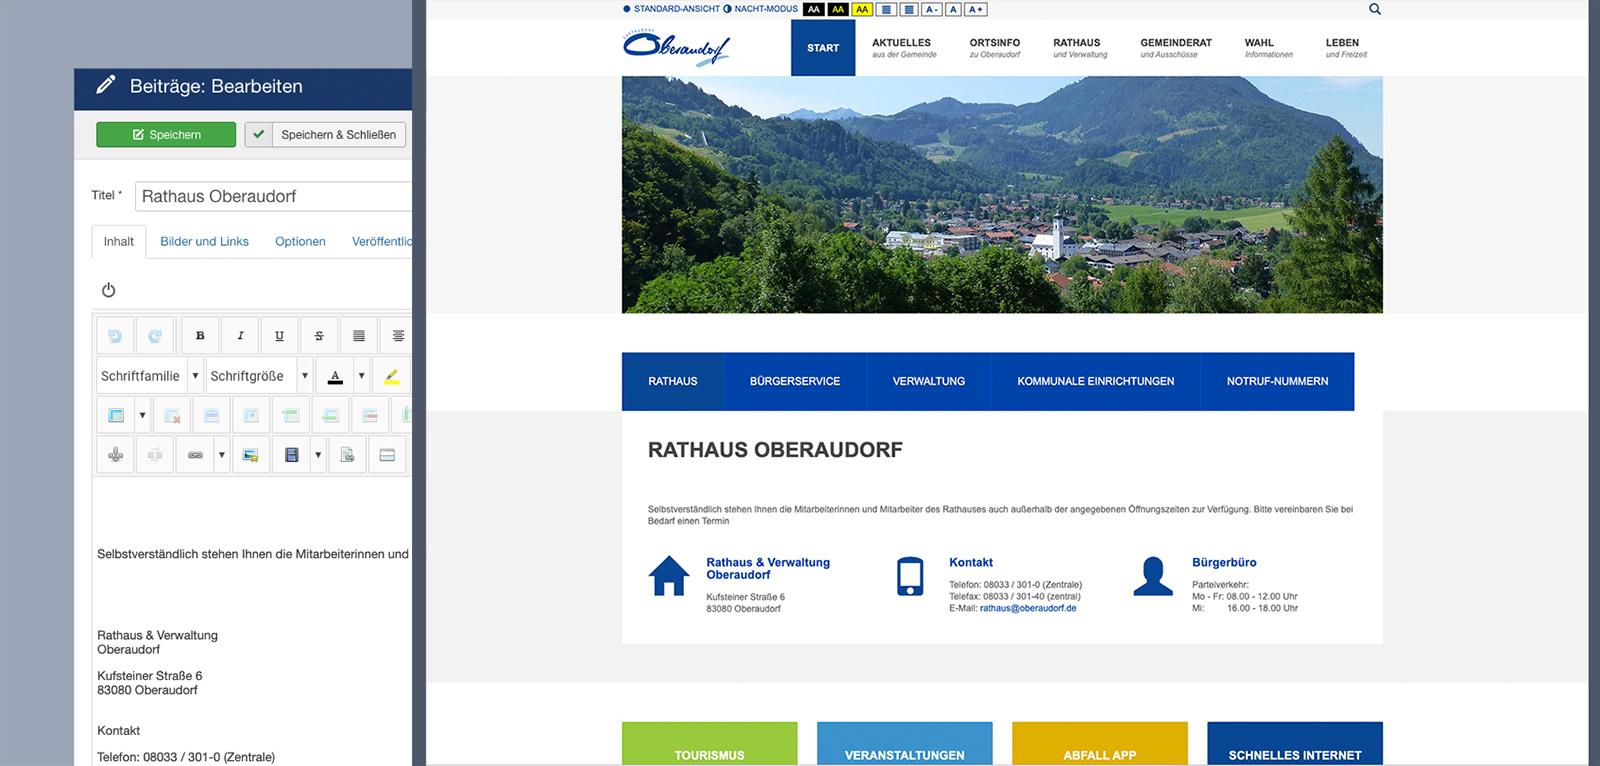 Kommune Oberaudorf: Frontendansicht und Benutzeroberfläche